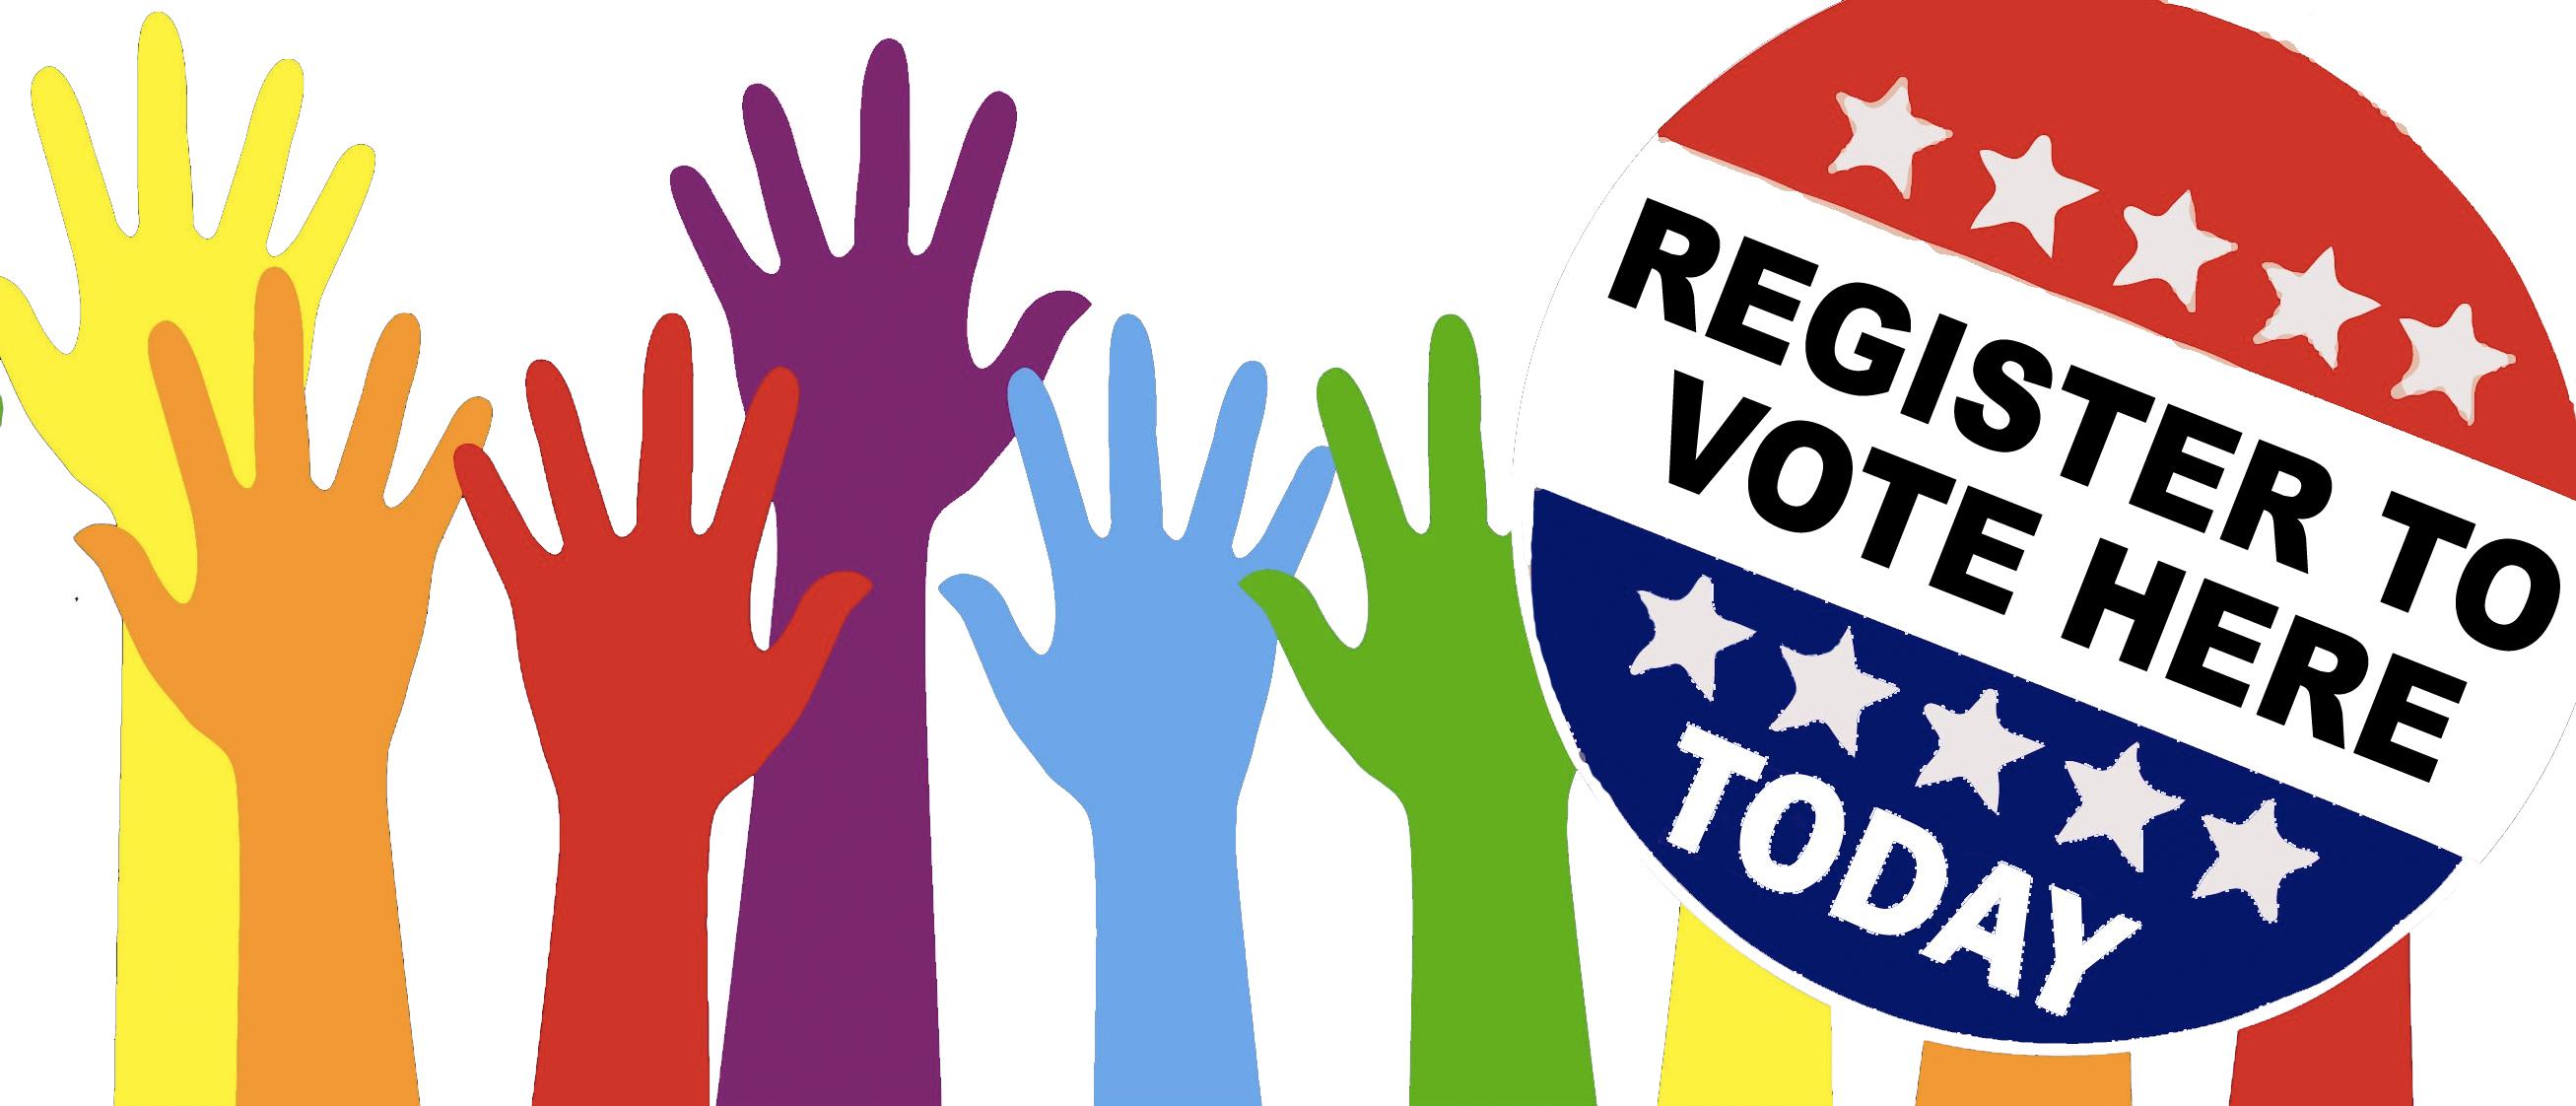 REGISTER_VOTE.jpg